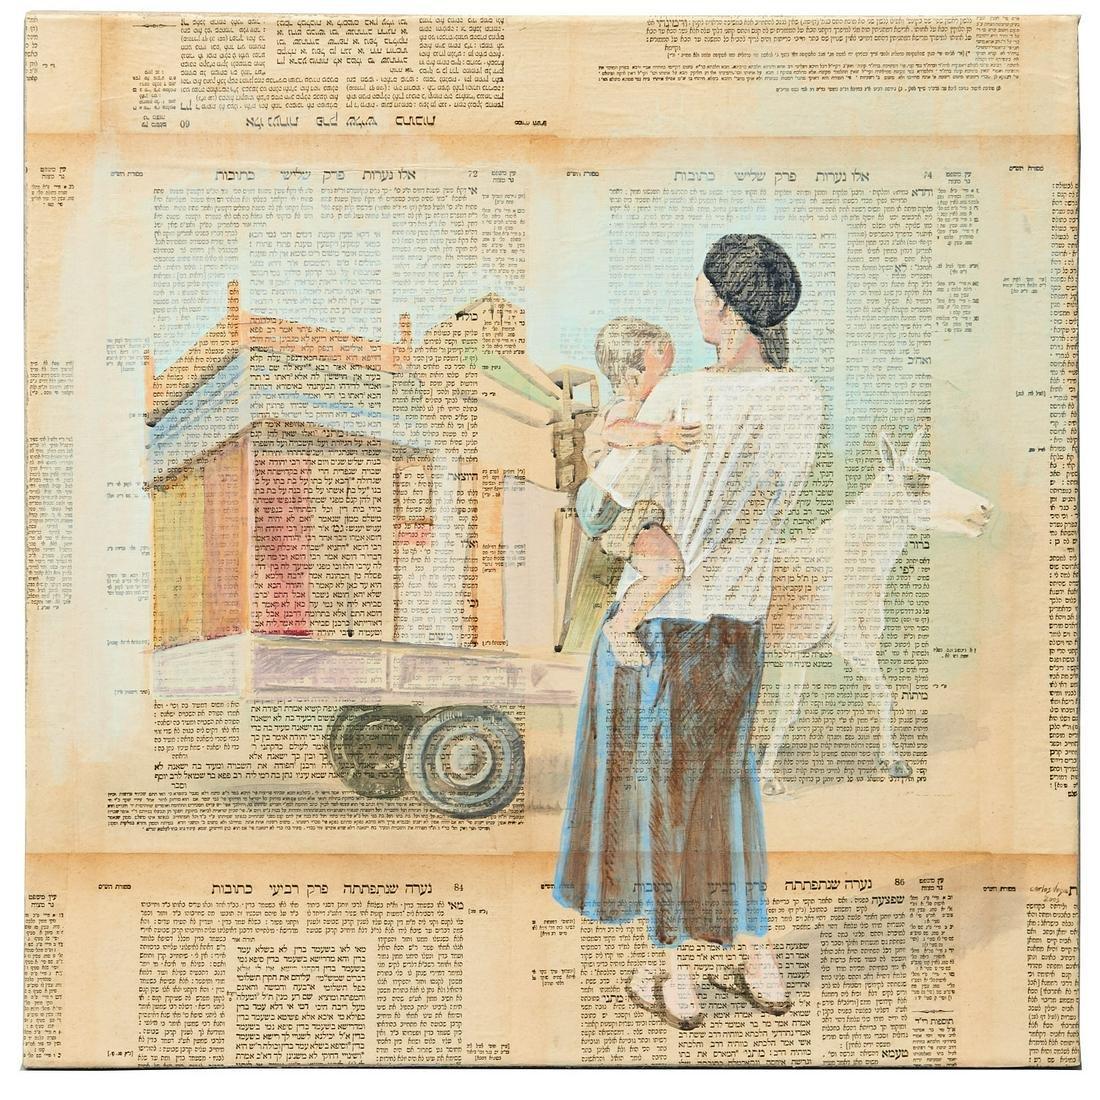 Carlos Vega, mixed media on canvas, 2005